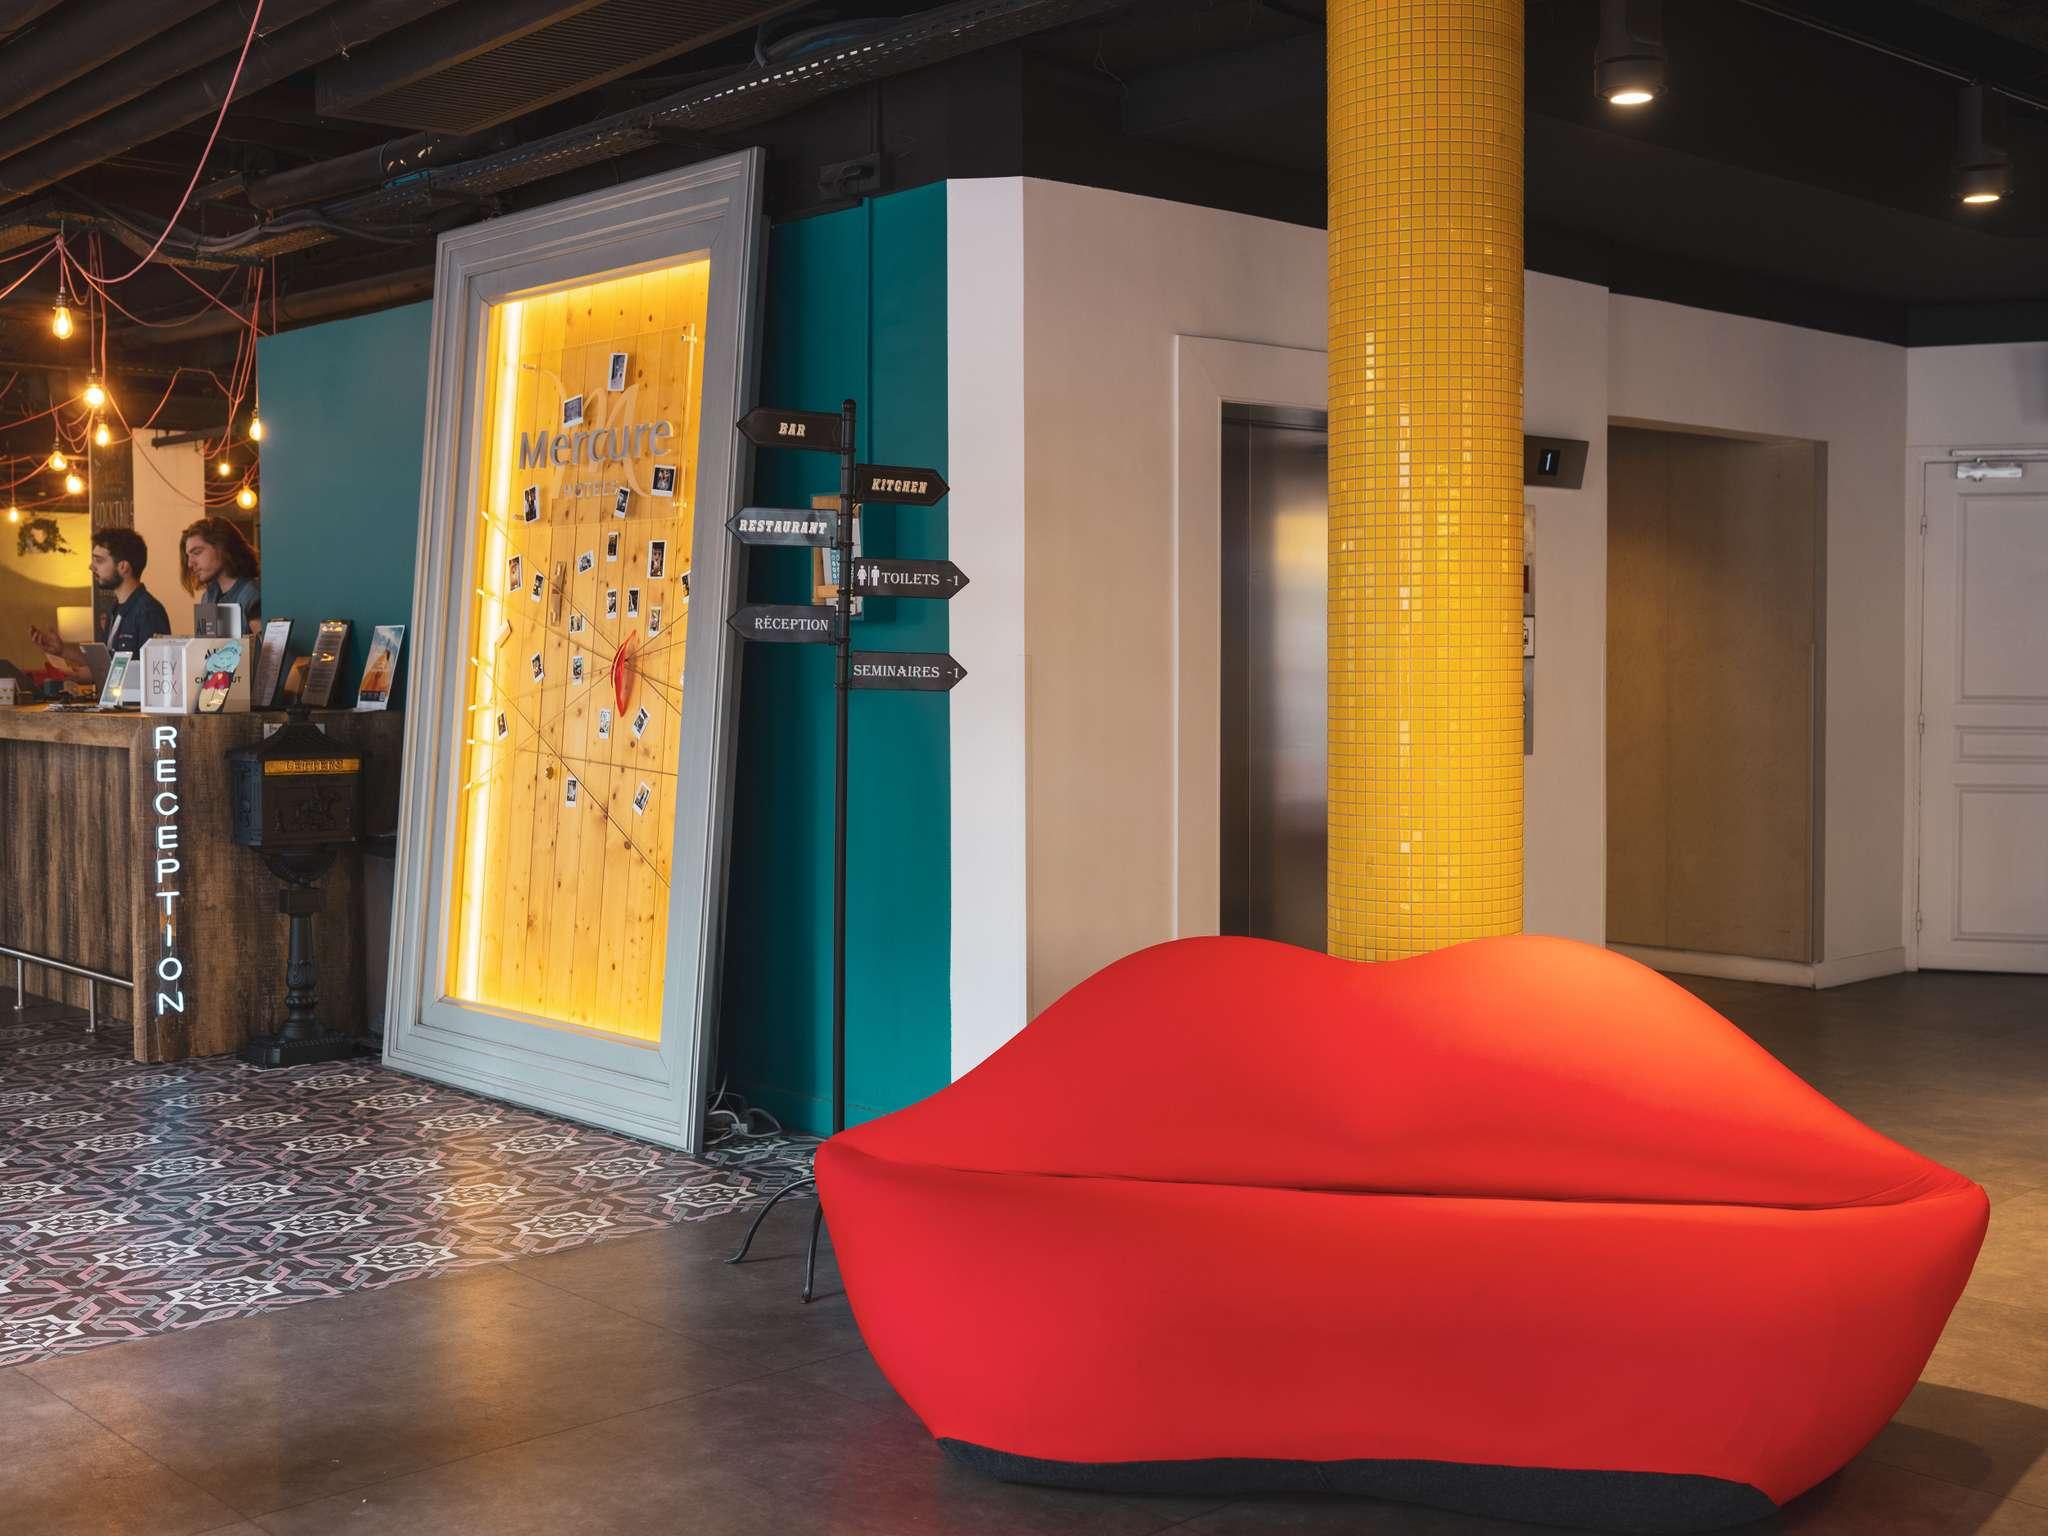 호텔 – 머큐어 파리 가르 몽파르나스